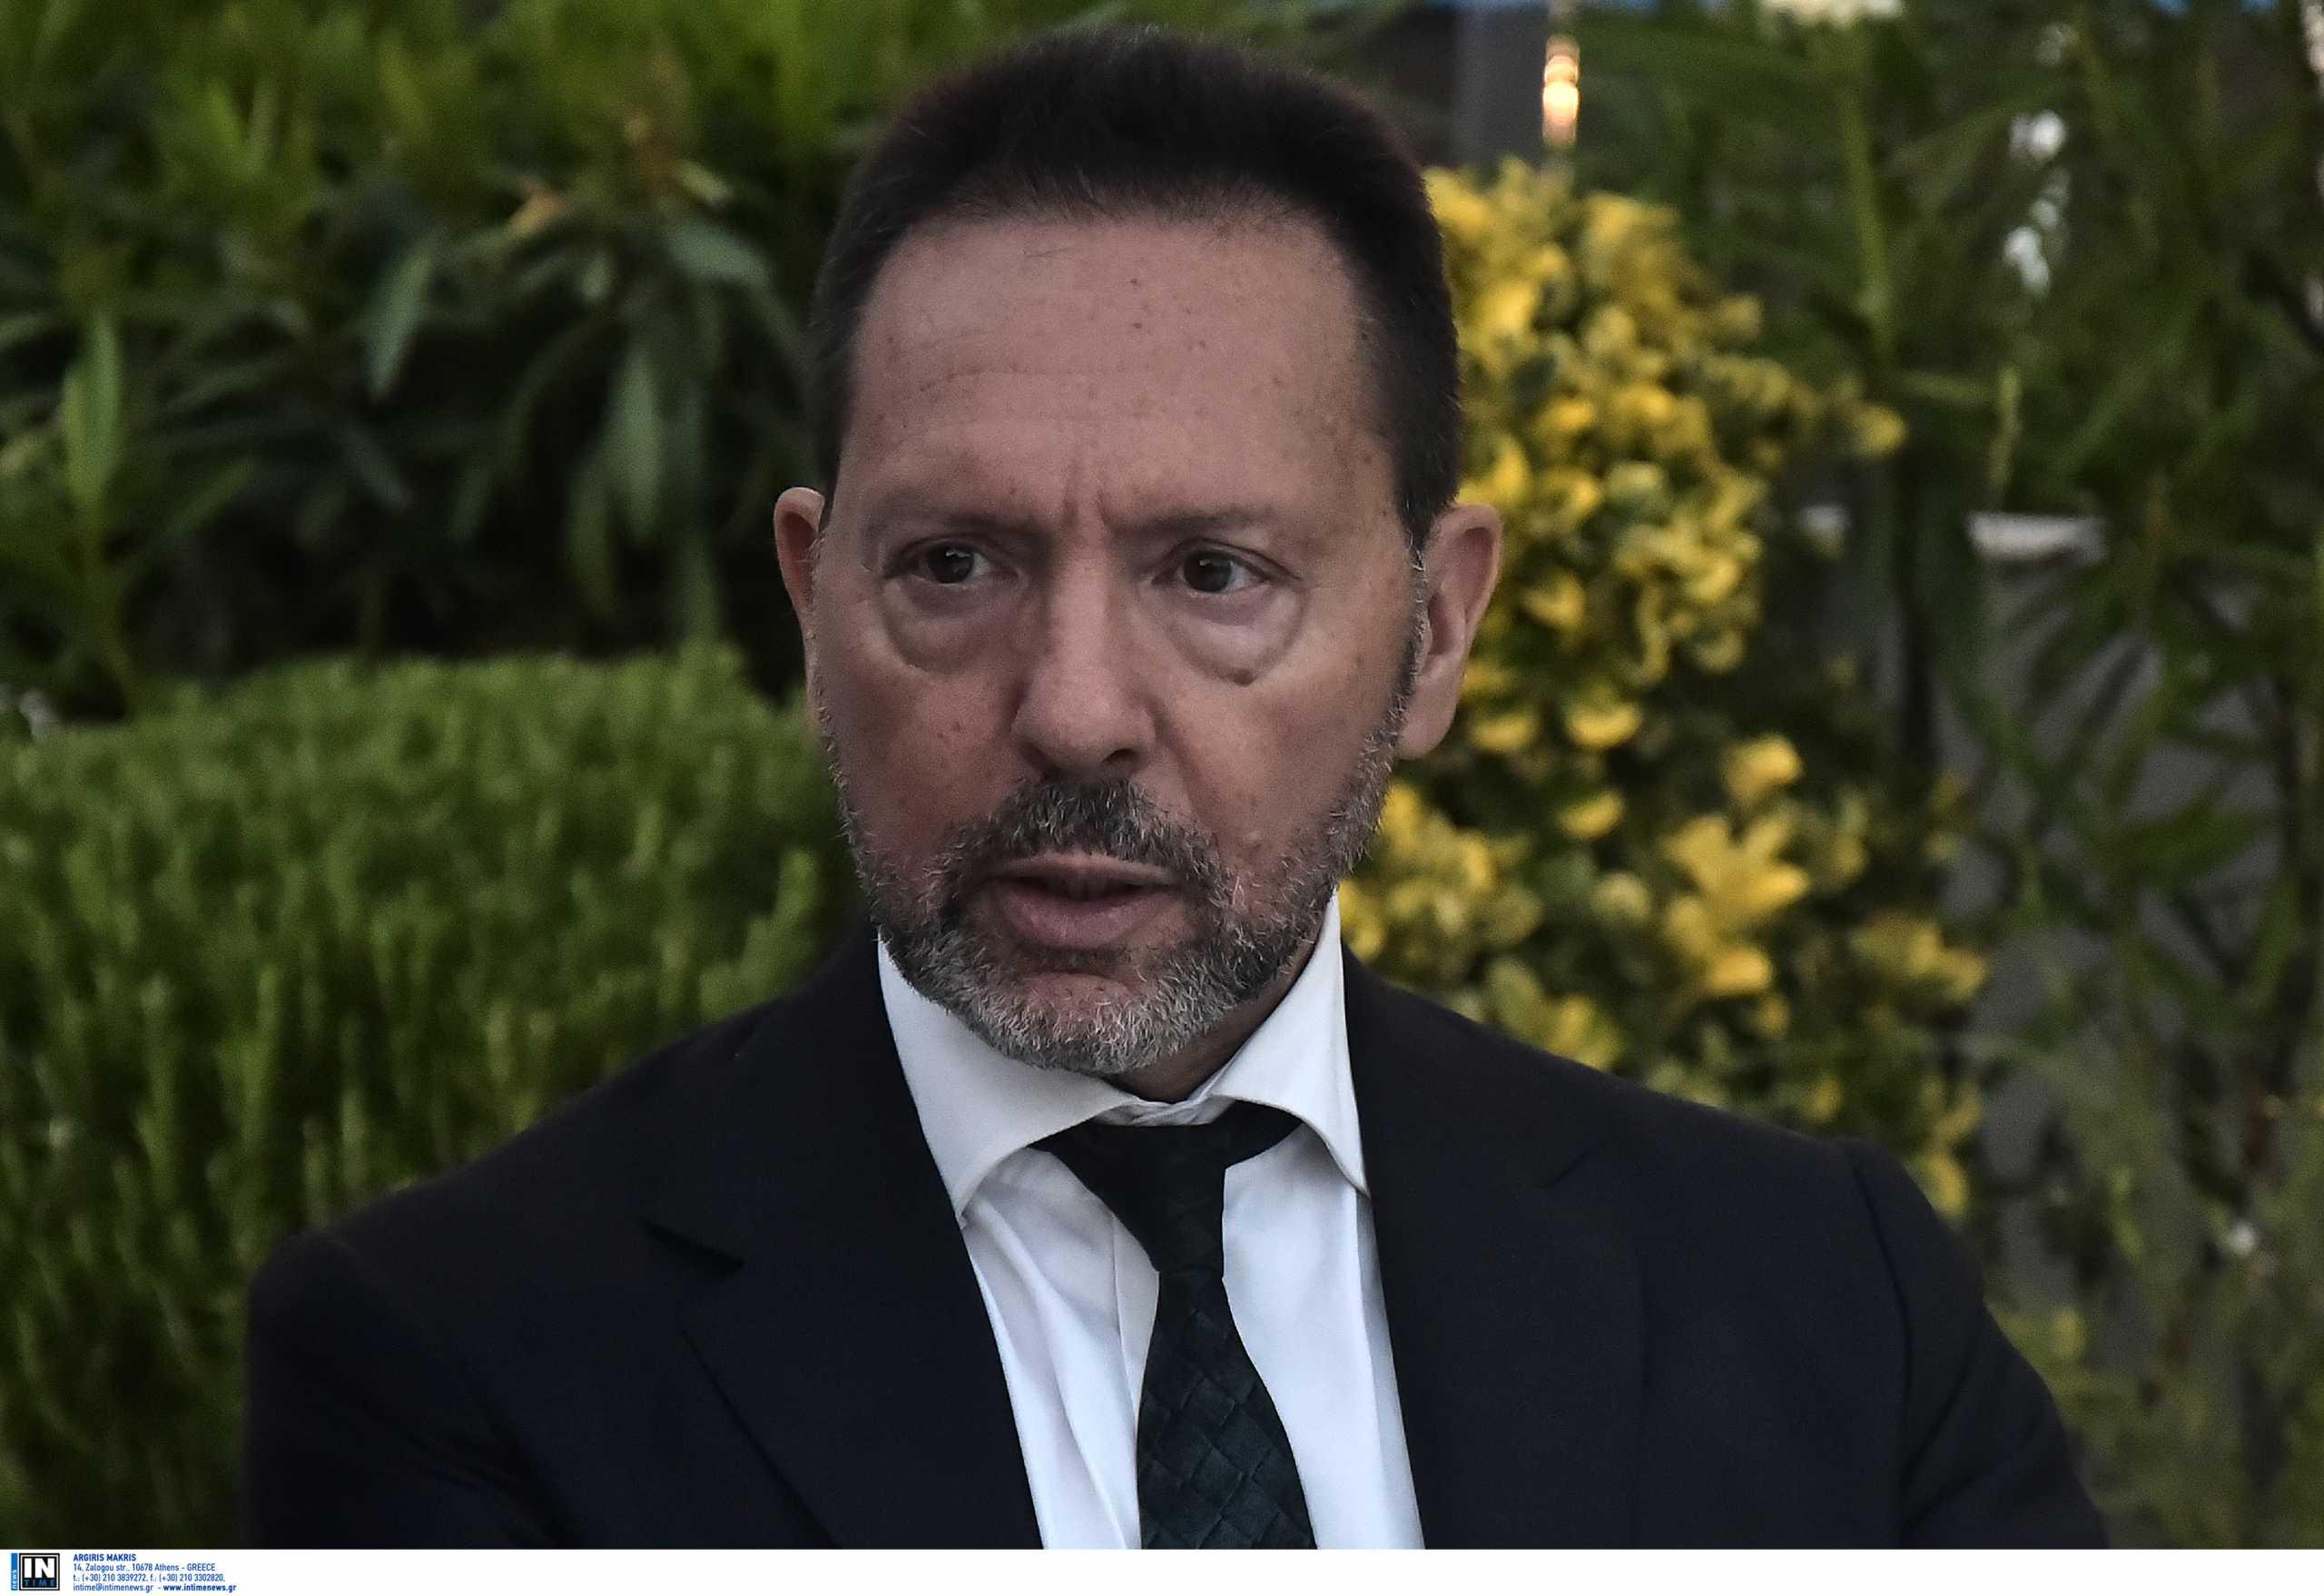 Έξαρση των κόκκινων δανείων φοβάται ο Στουρνάρας και προτείνει bad bank